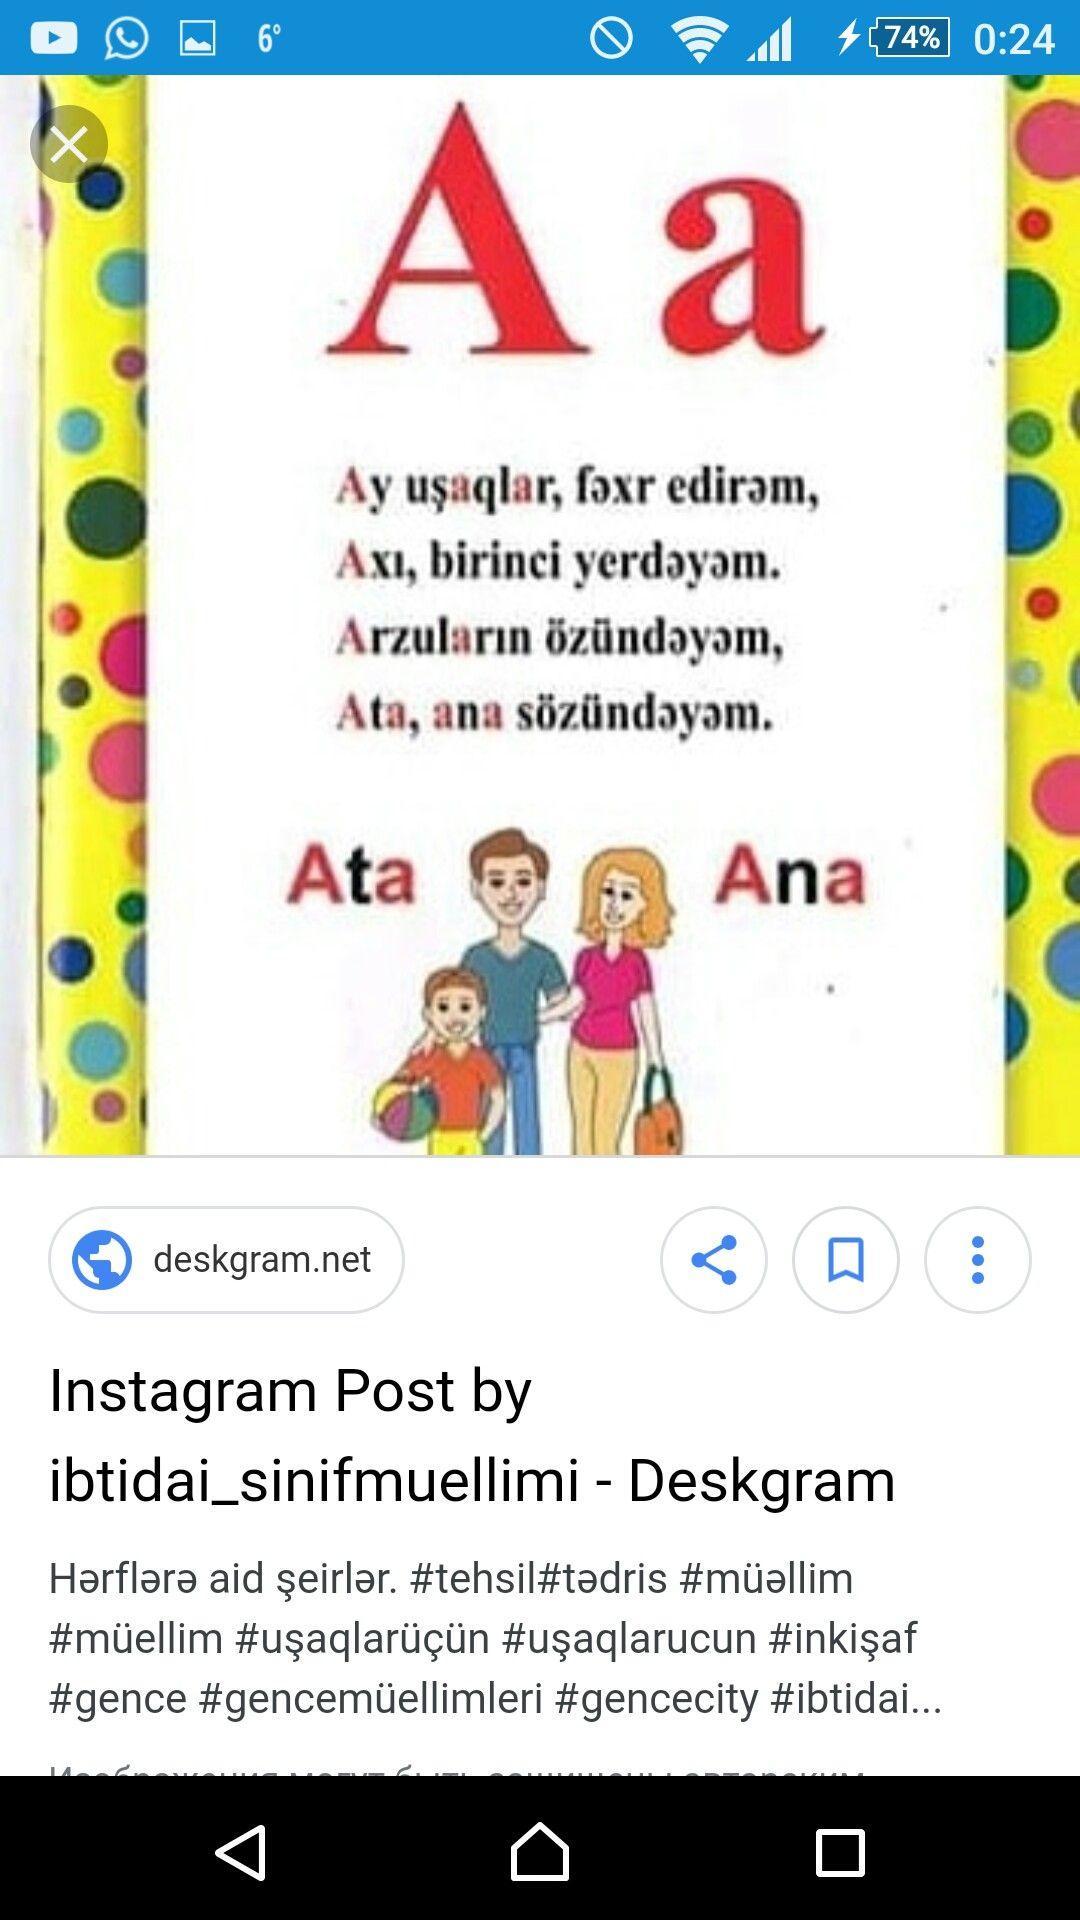 Hərflərə Aid Seirlər Images Səkillər